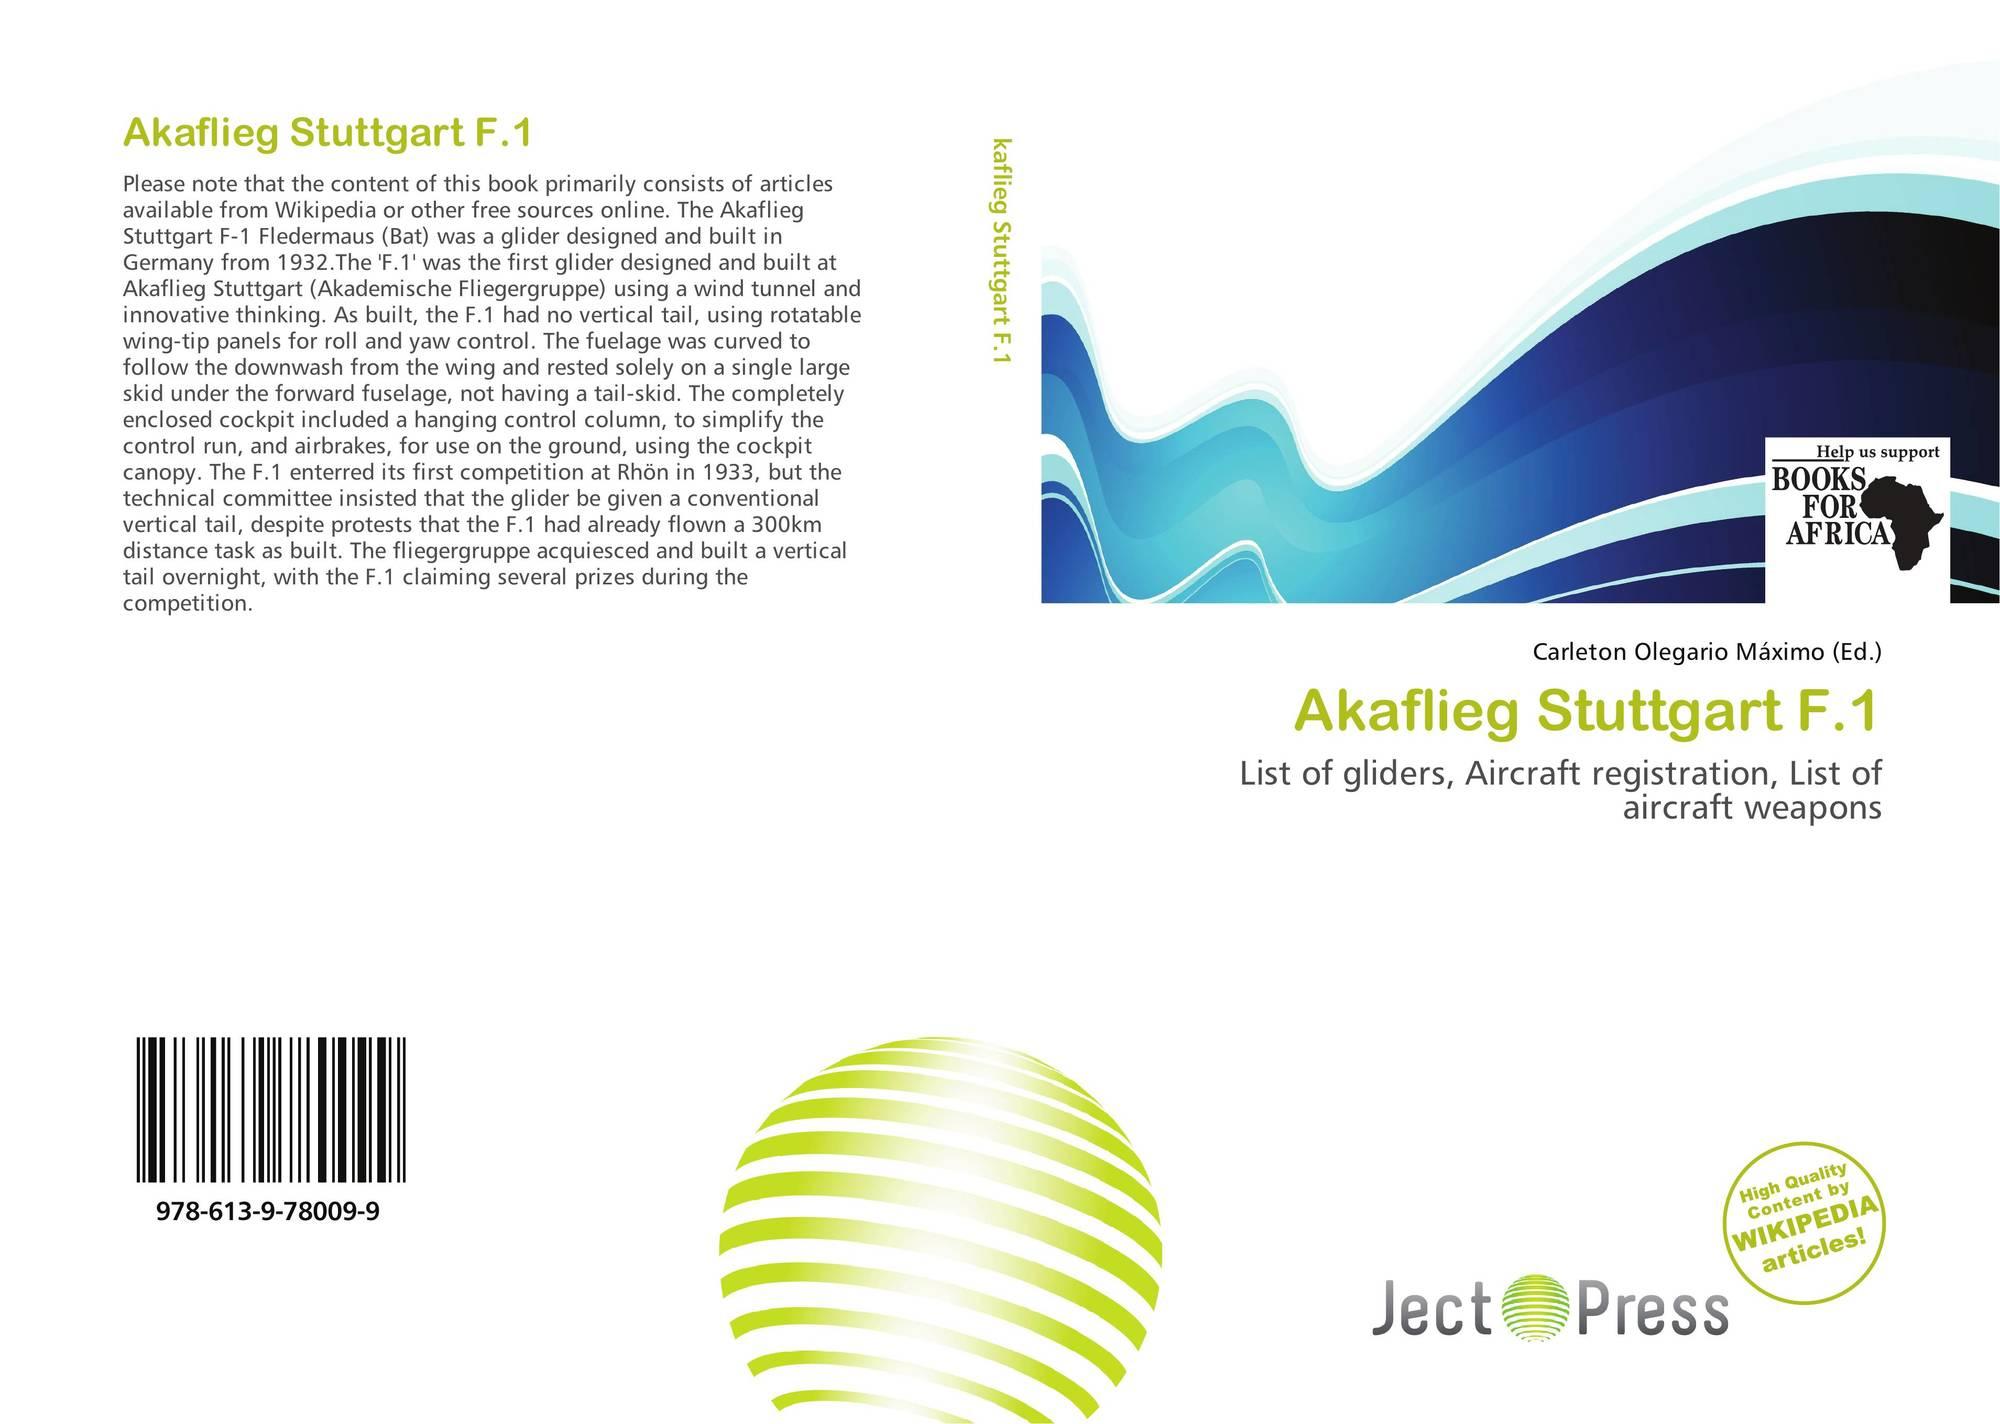 Akaflieg Stuttgart F 1, 978-613-9-78009-9, 6139780098